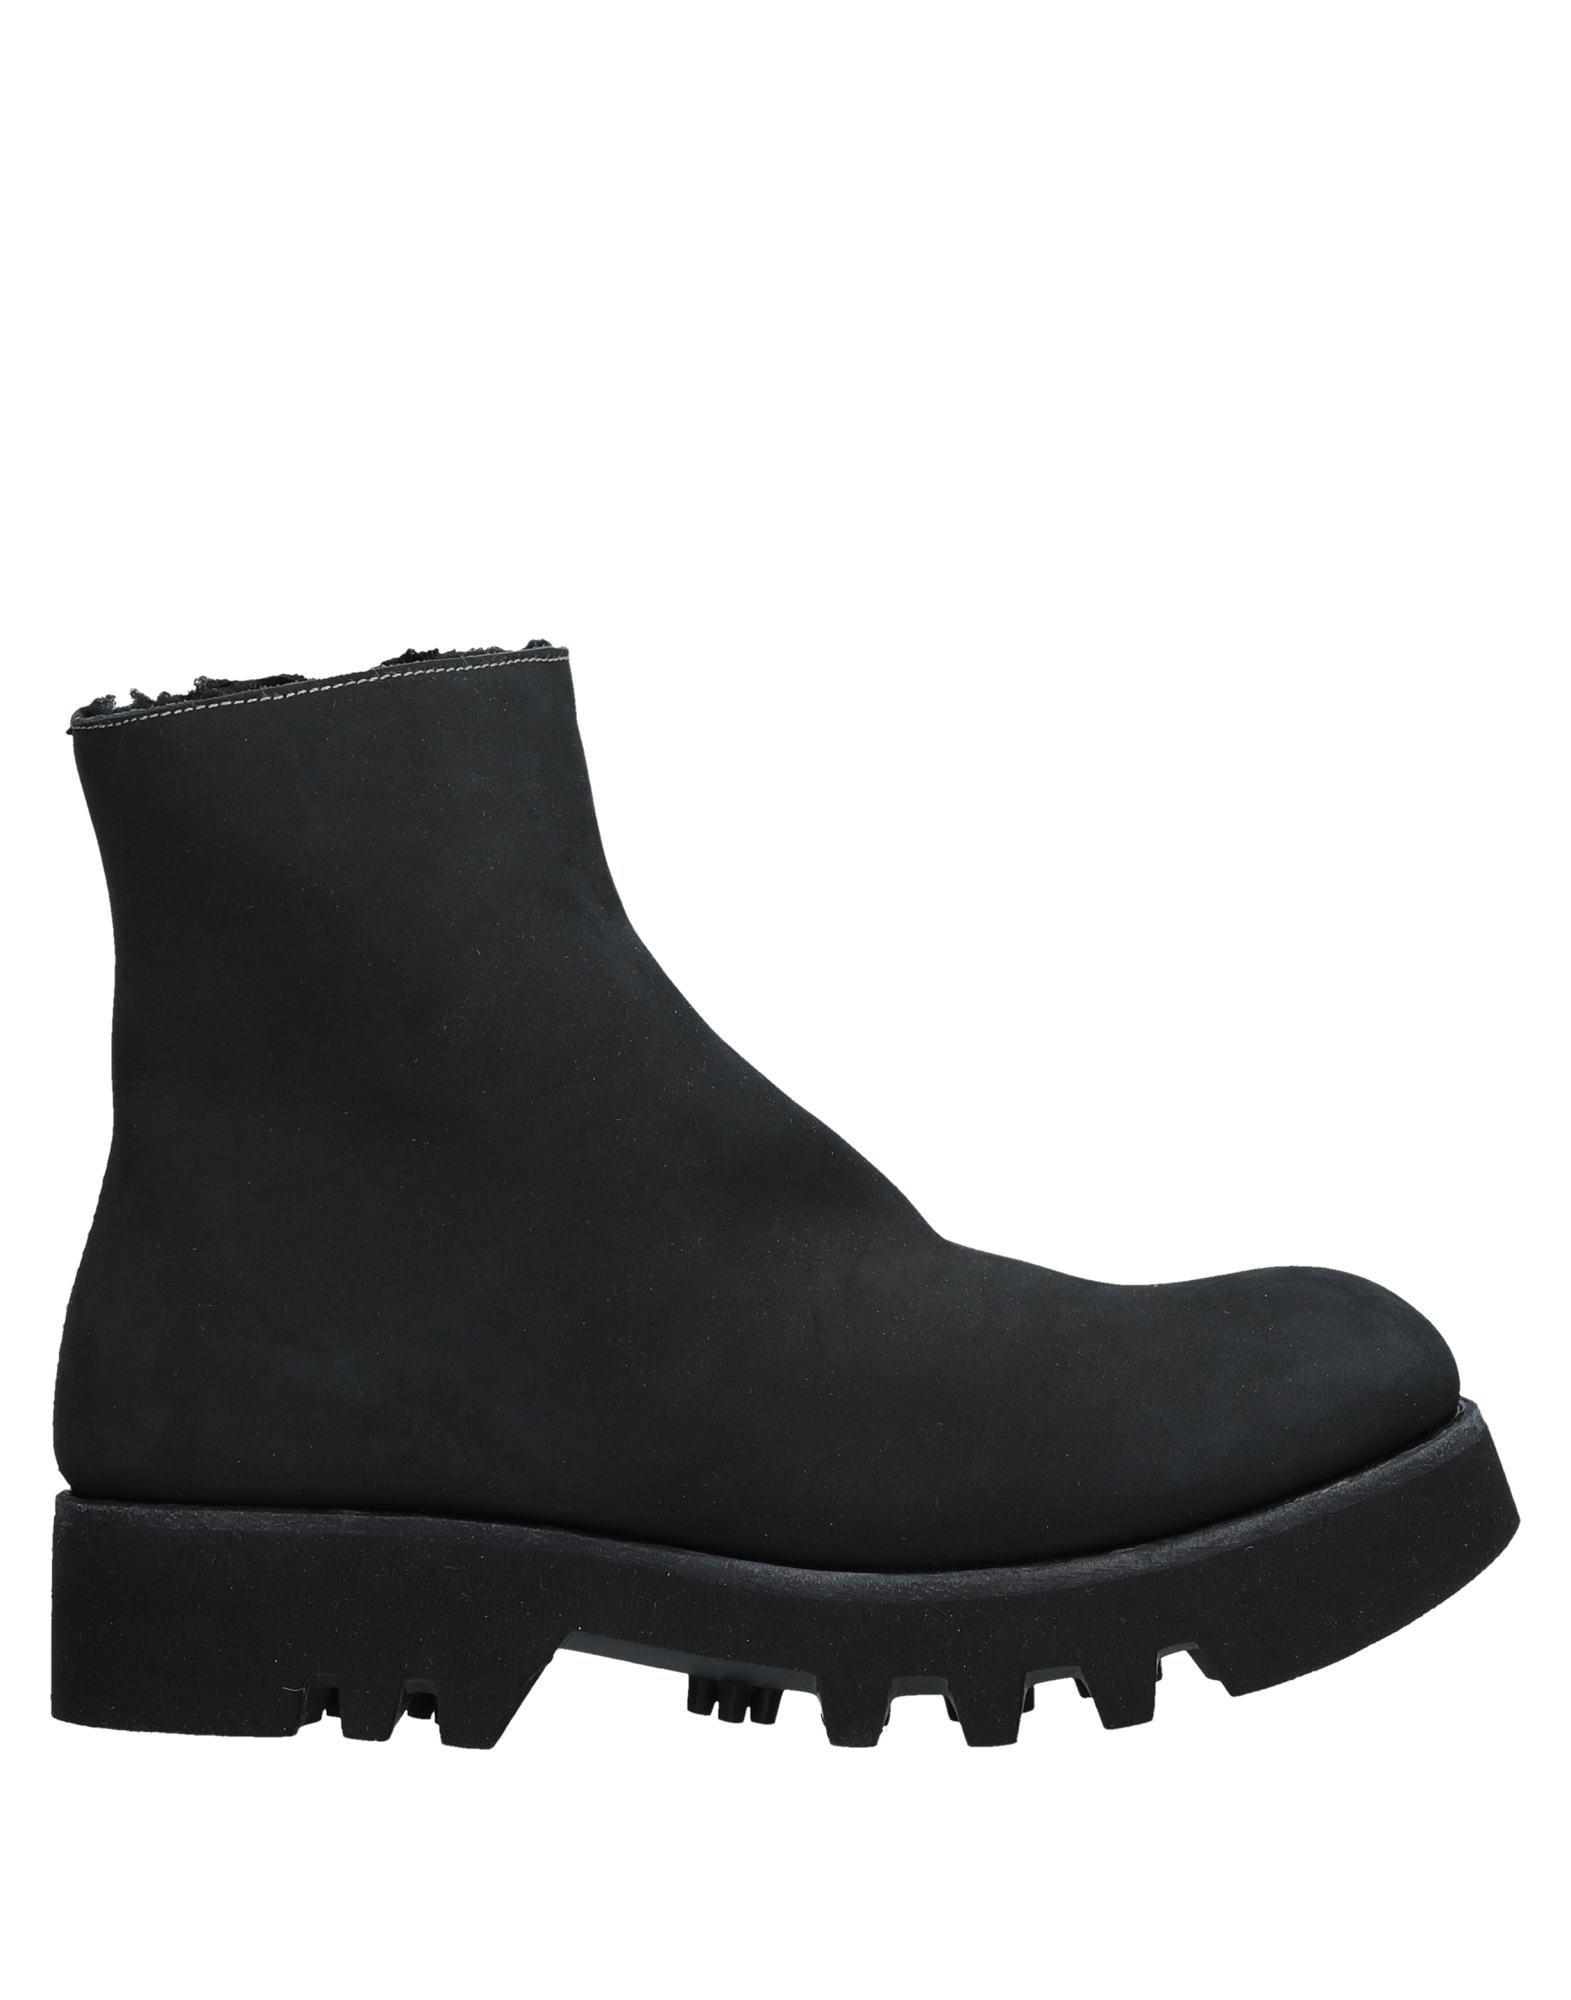 10SEI0OTTO Ankle Boot in Black